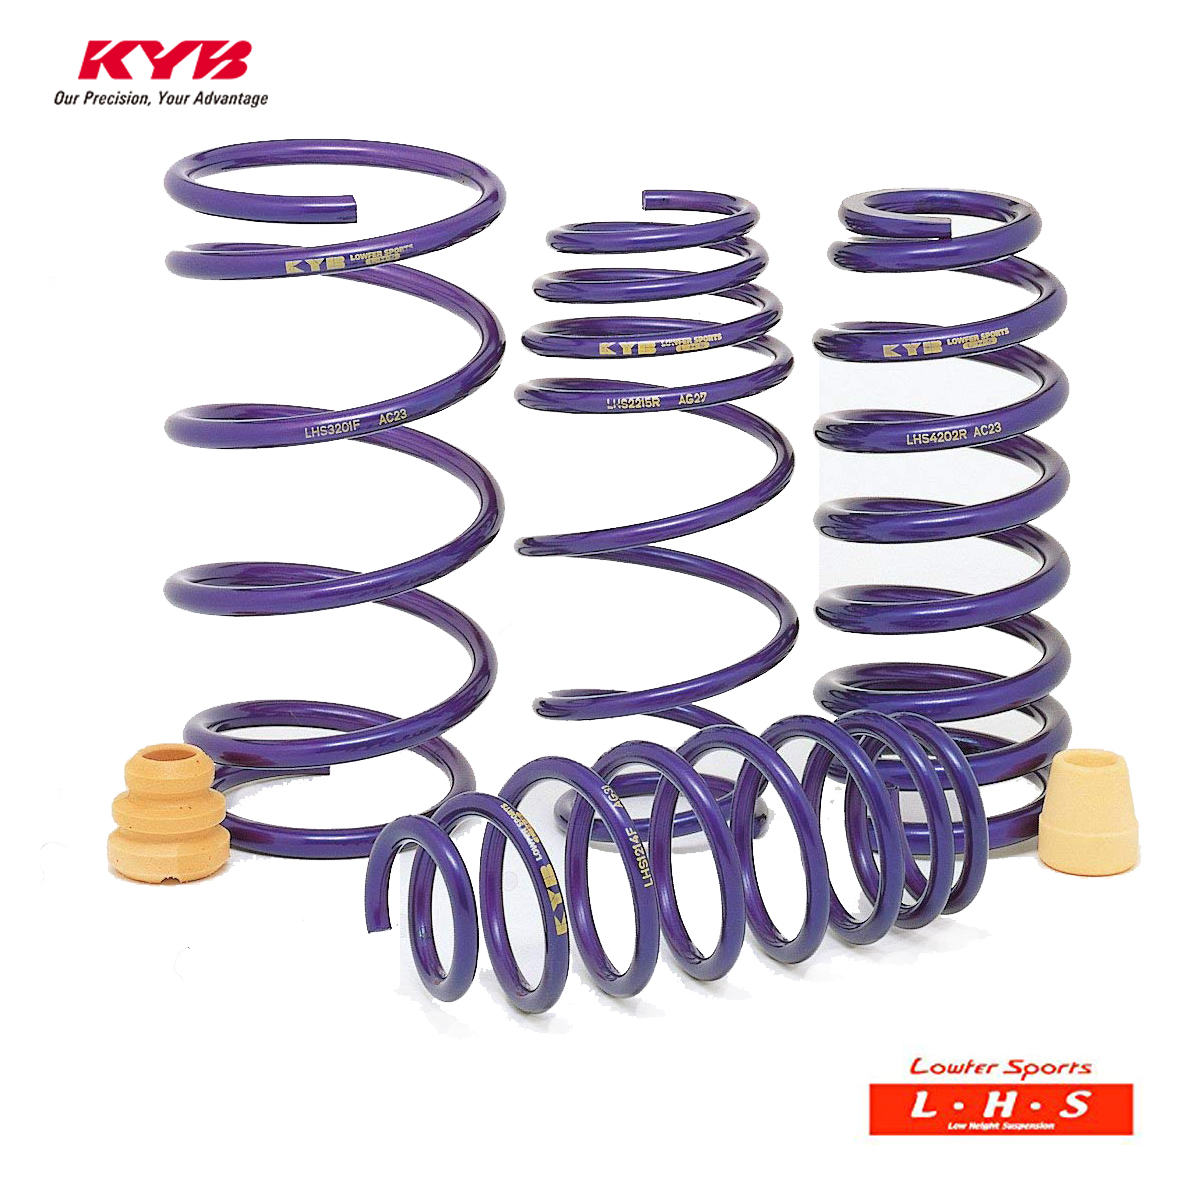 KYB カヤバ タントエグゼカスタム L455S スプリング ダウンサス セット Lowfer Sports LHS-L455SRS 配送先条件有り